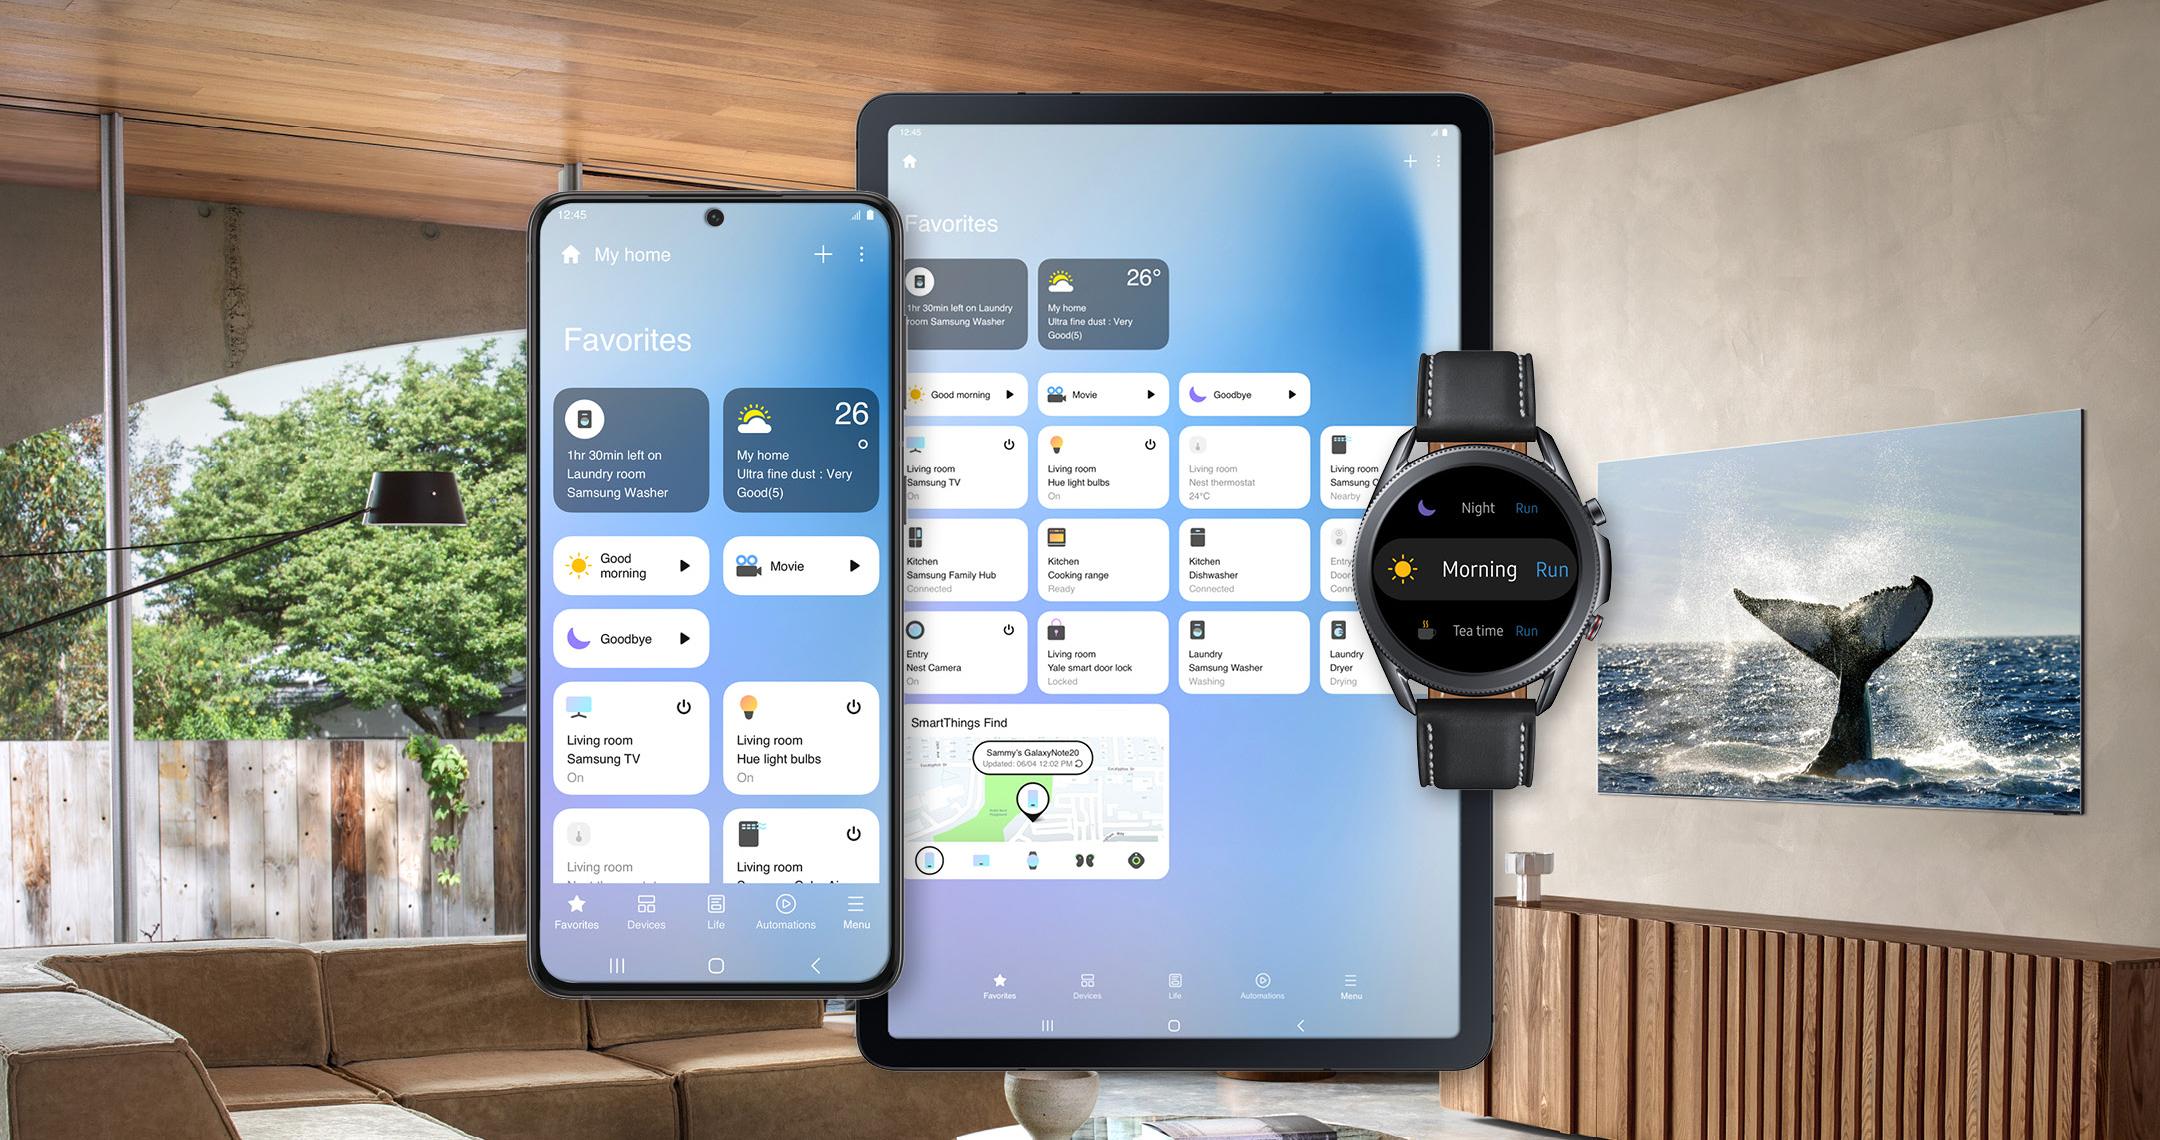 Samsung обновила приложение SmartThings, теперь оно больше похоже на Apple HomeKit